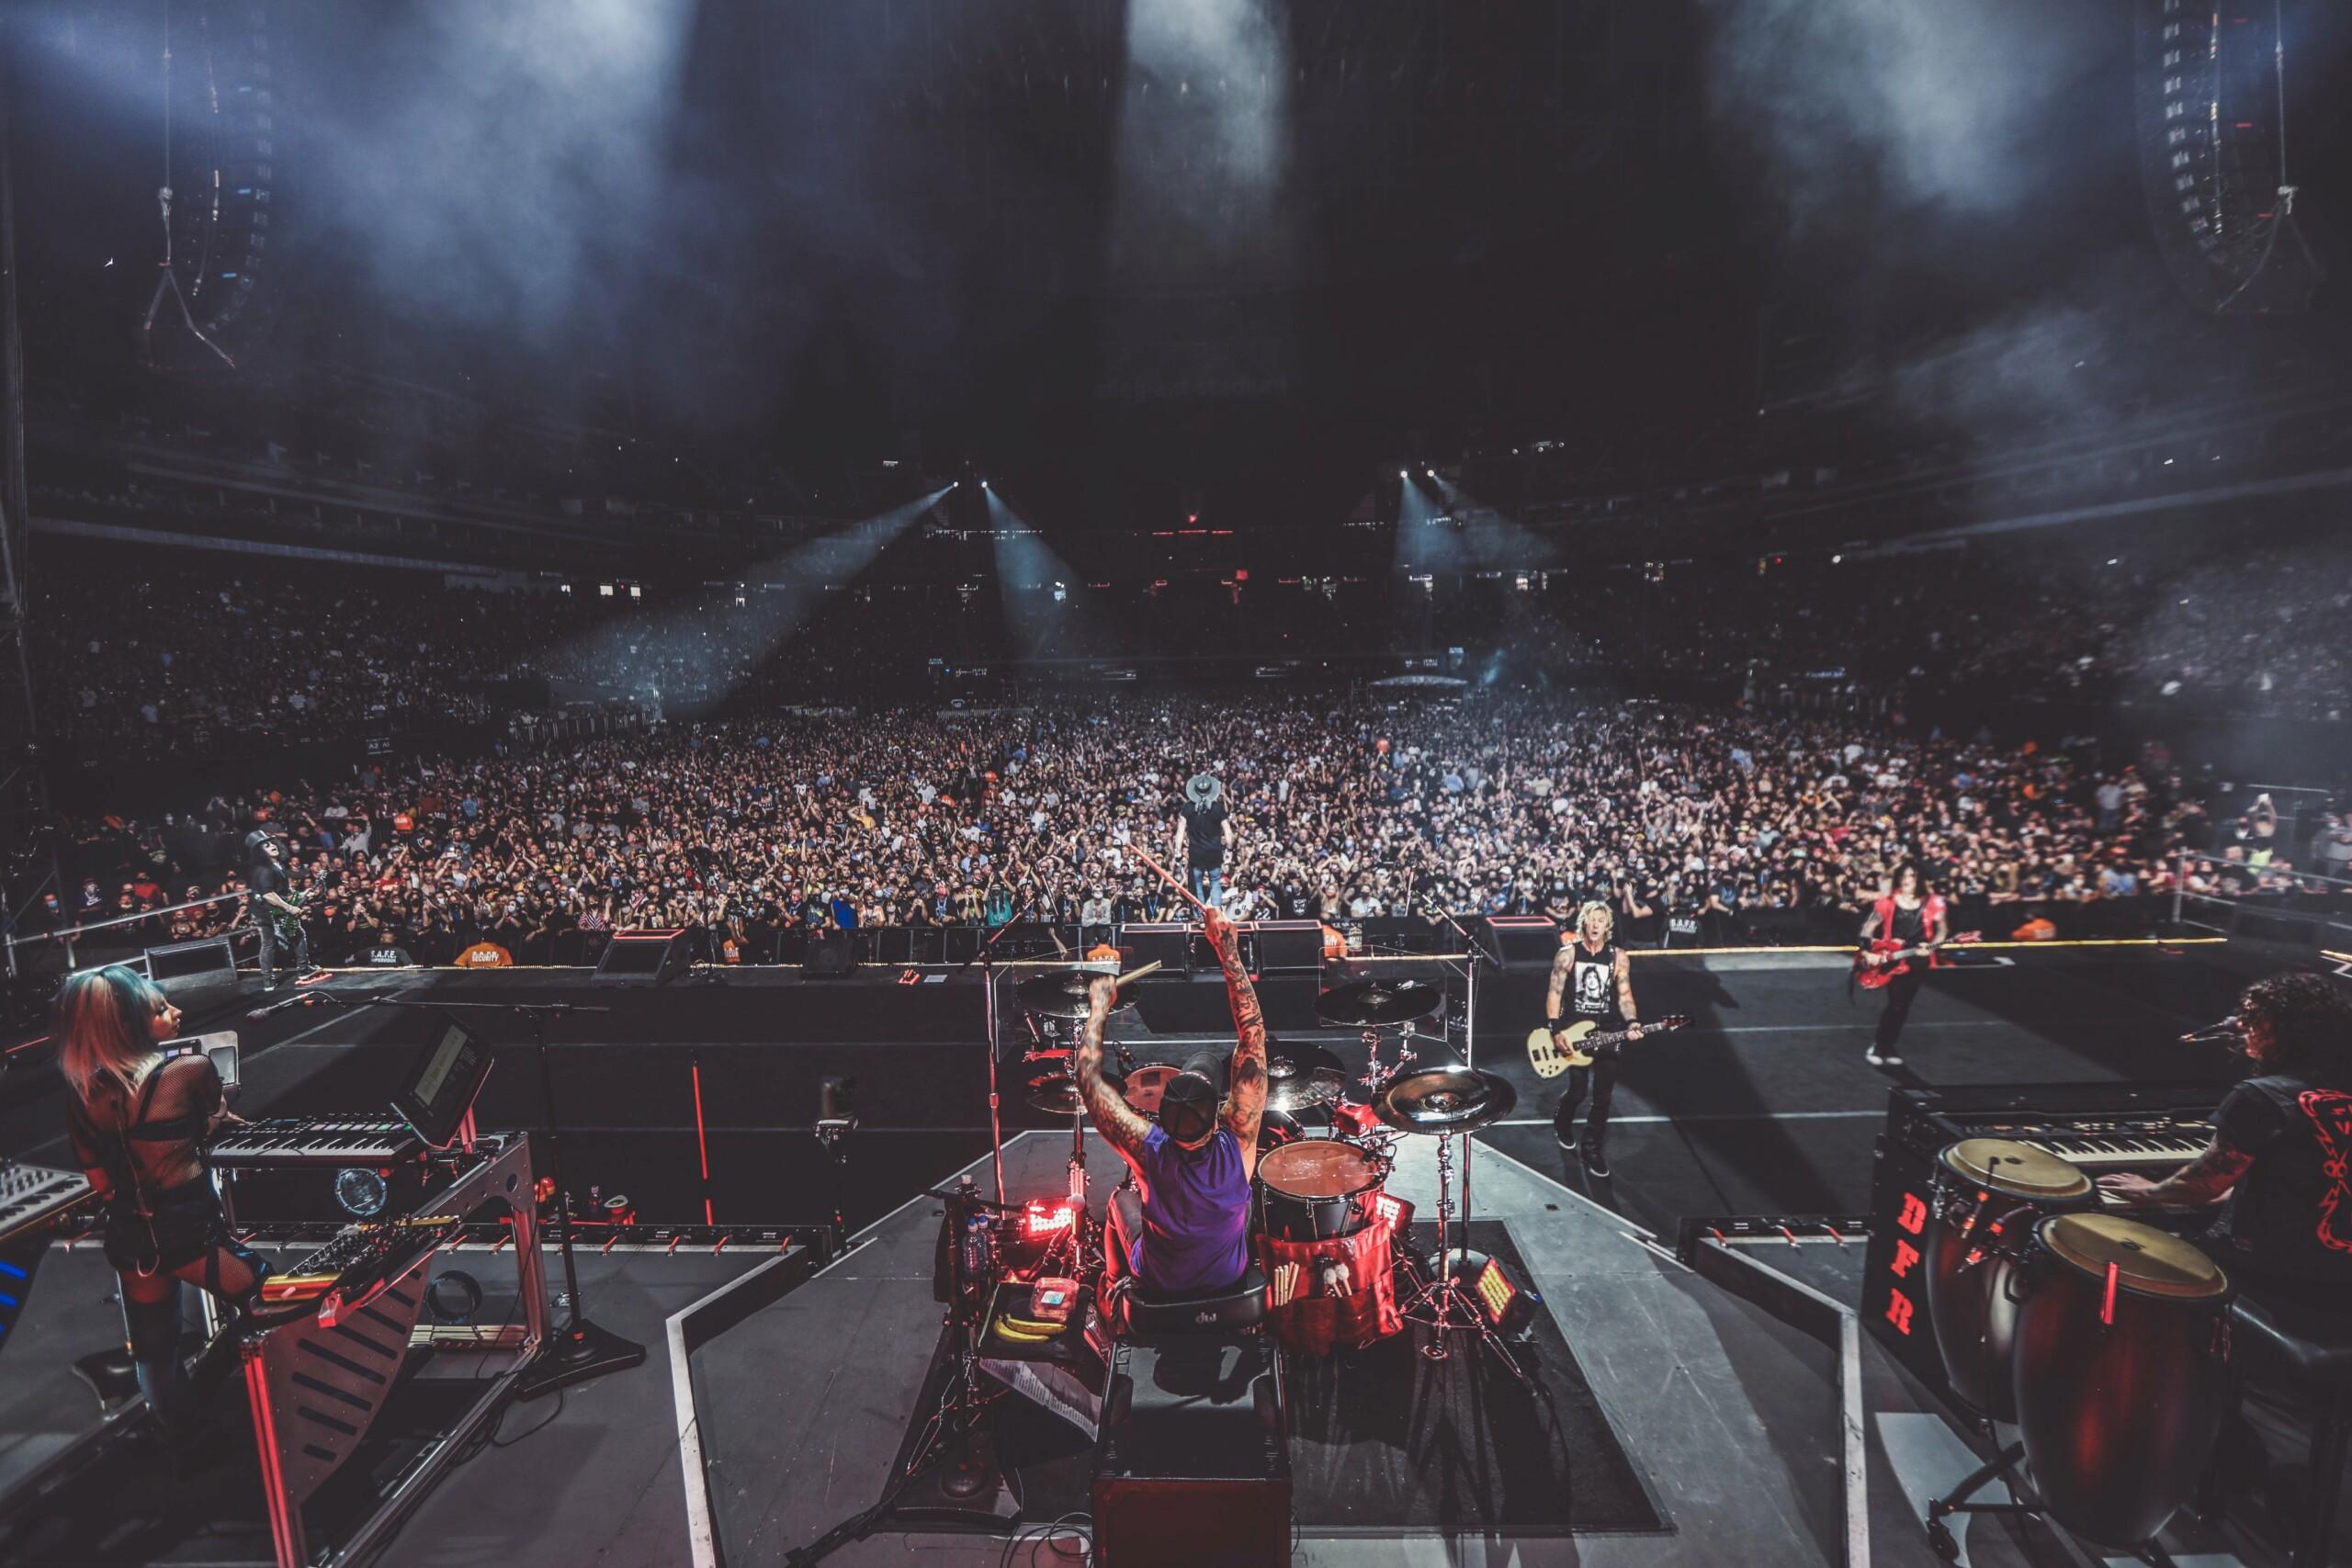 2021.08.27 - Allegiant Stadium, Las Vegas, NV, USA E-znci15